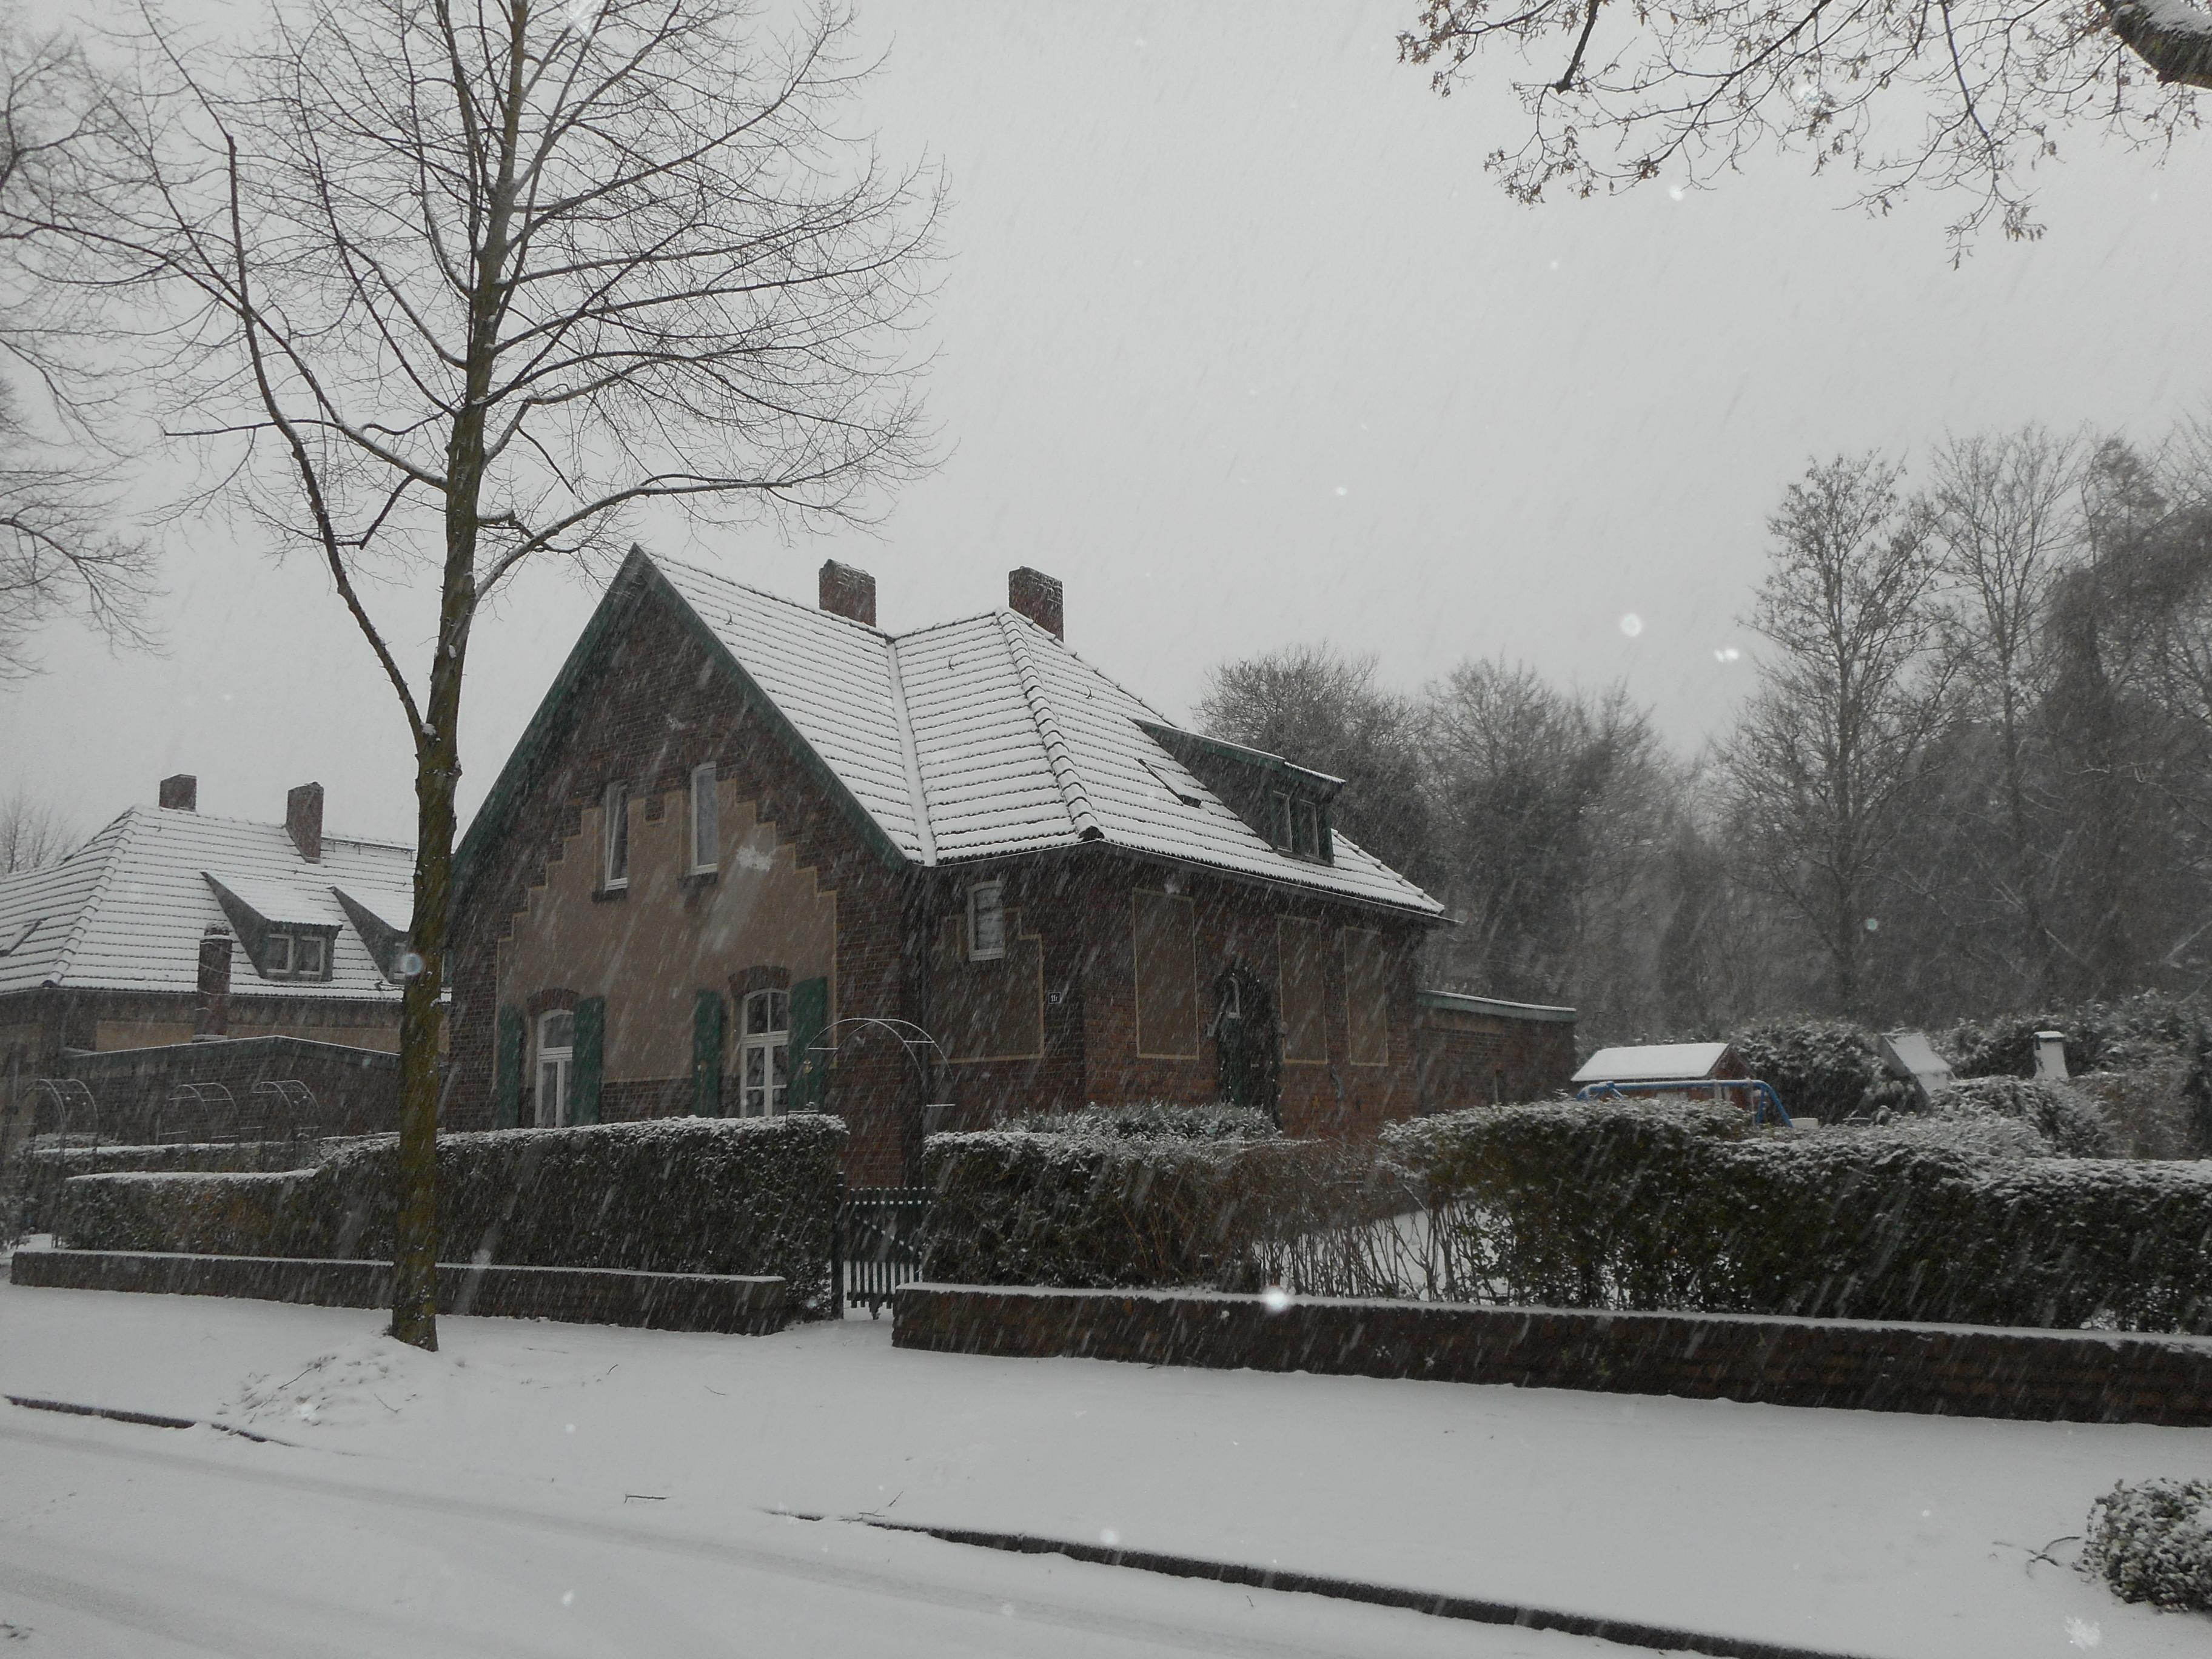 171211 Schl 11 - 13 im Schnee (2)